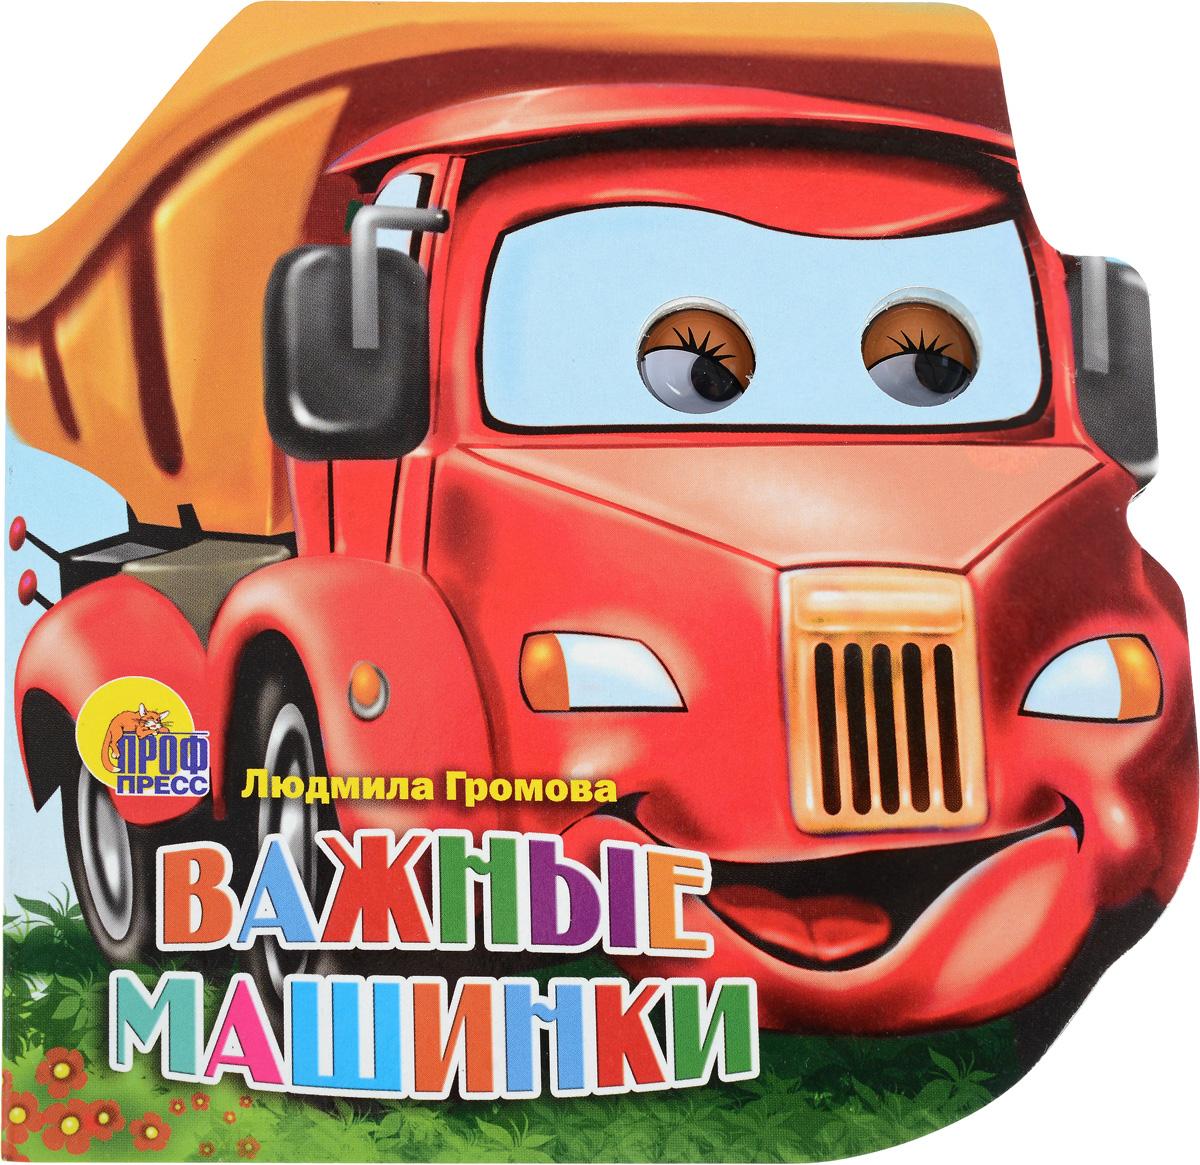 Людмила Громова Важные машинки бирюса 133 холодильник б 133